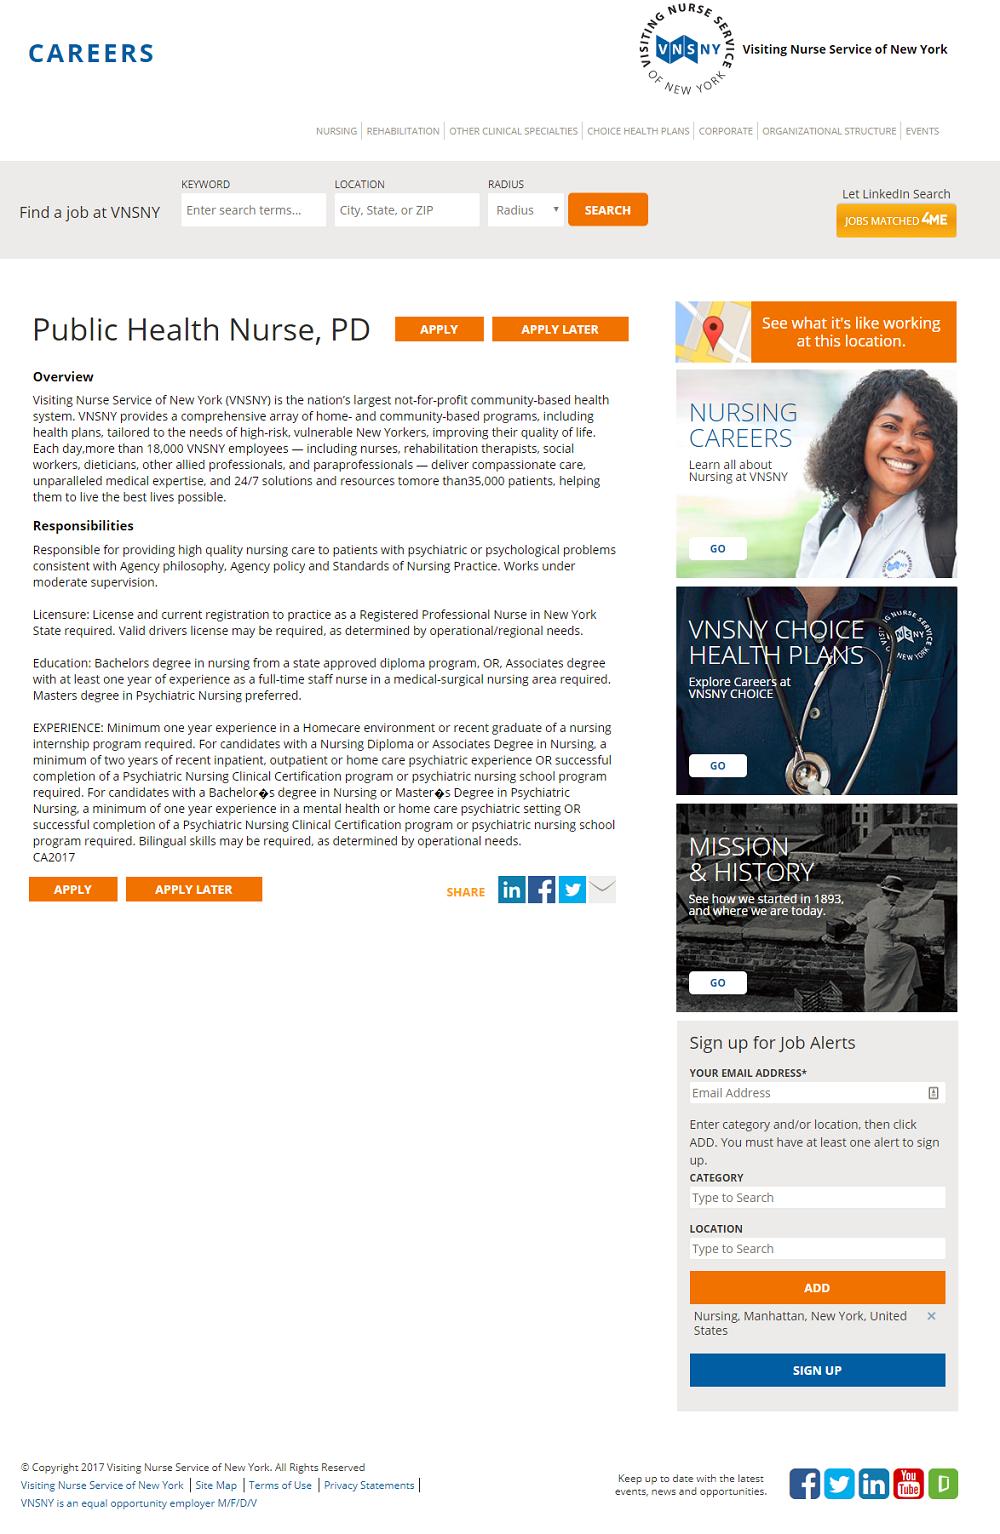 Visiting Nurse Service iCims Job Description Page